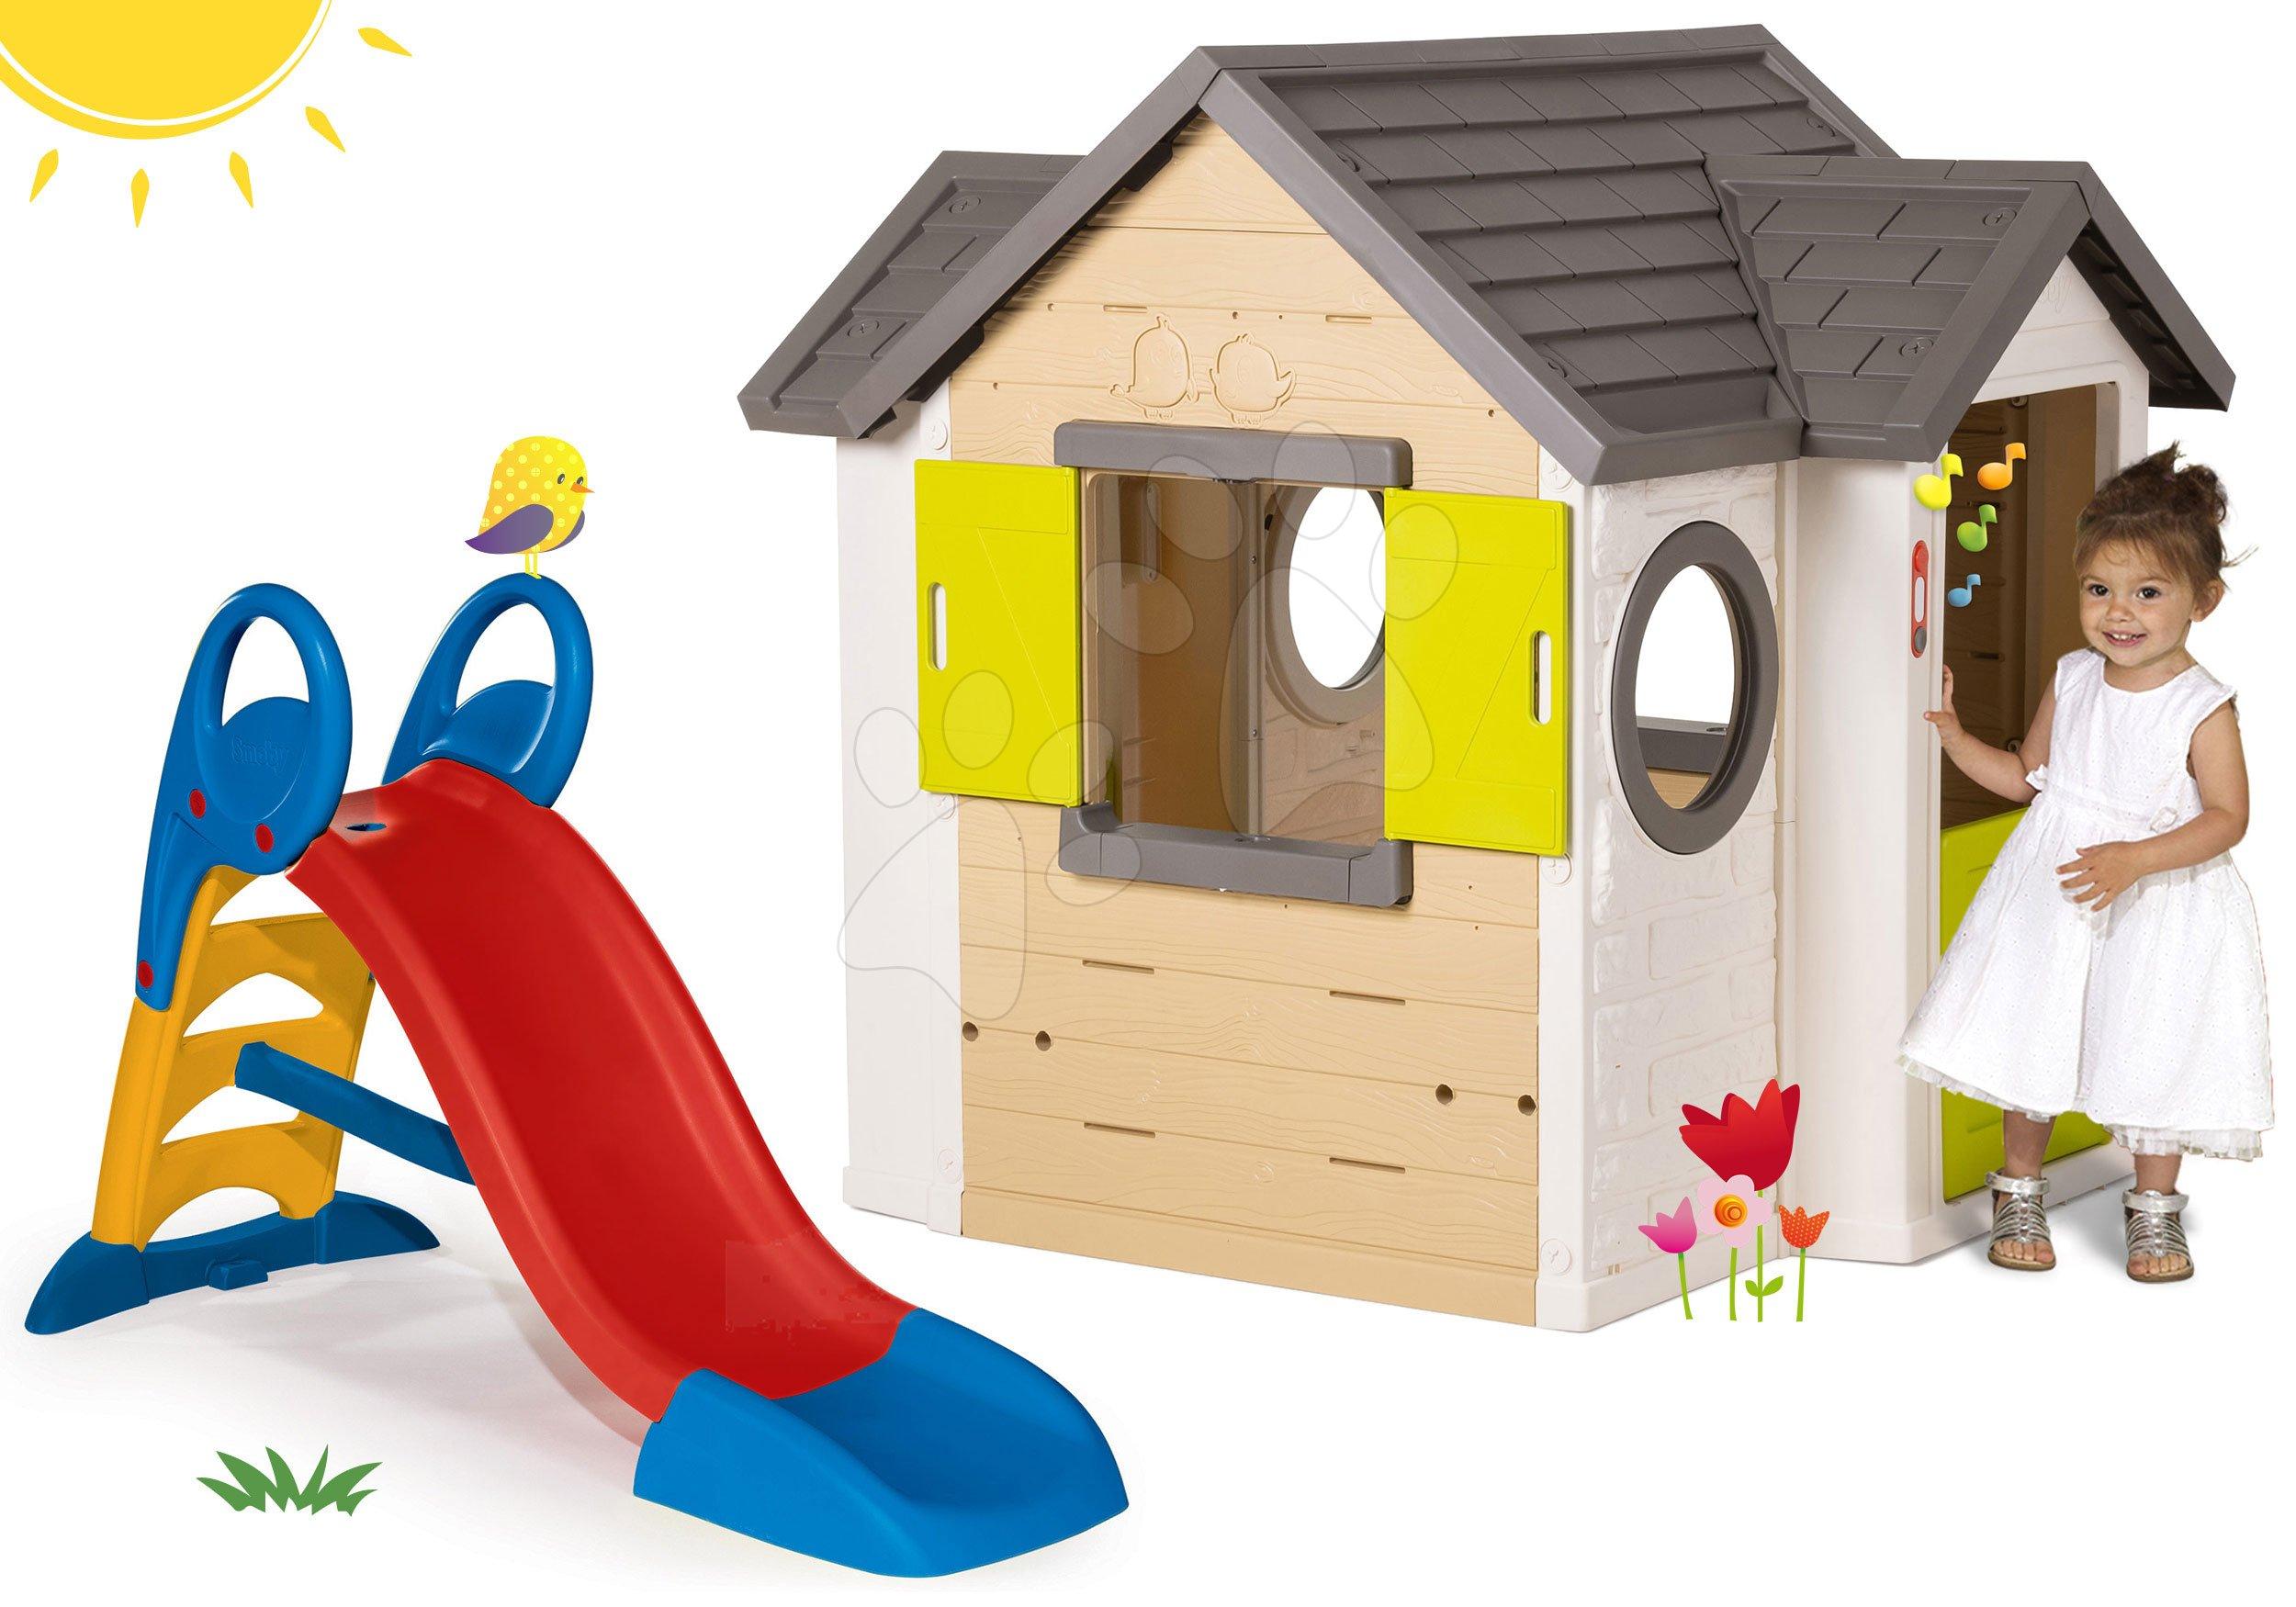 Szett házikó My Neo House DeLuxe Smoby csengővel, 2 ajtóval és csúszda Toboggan KS közepes 1,5 m 24 hó-tól